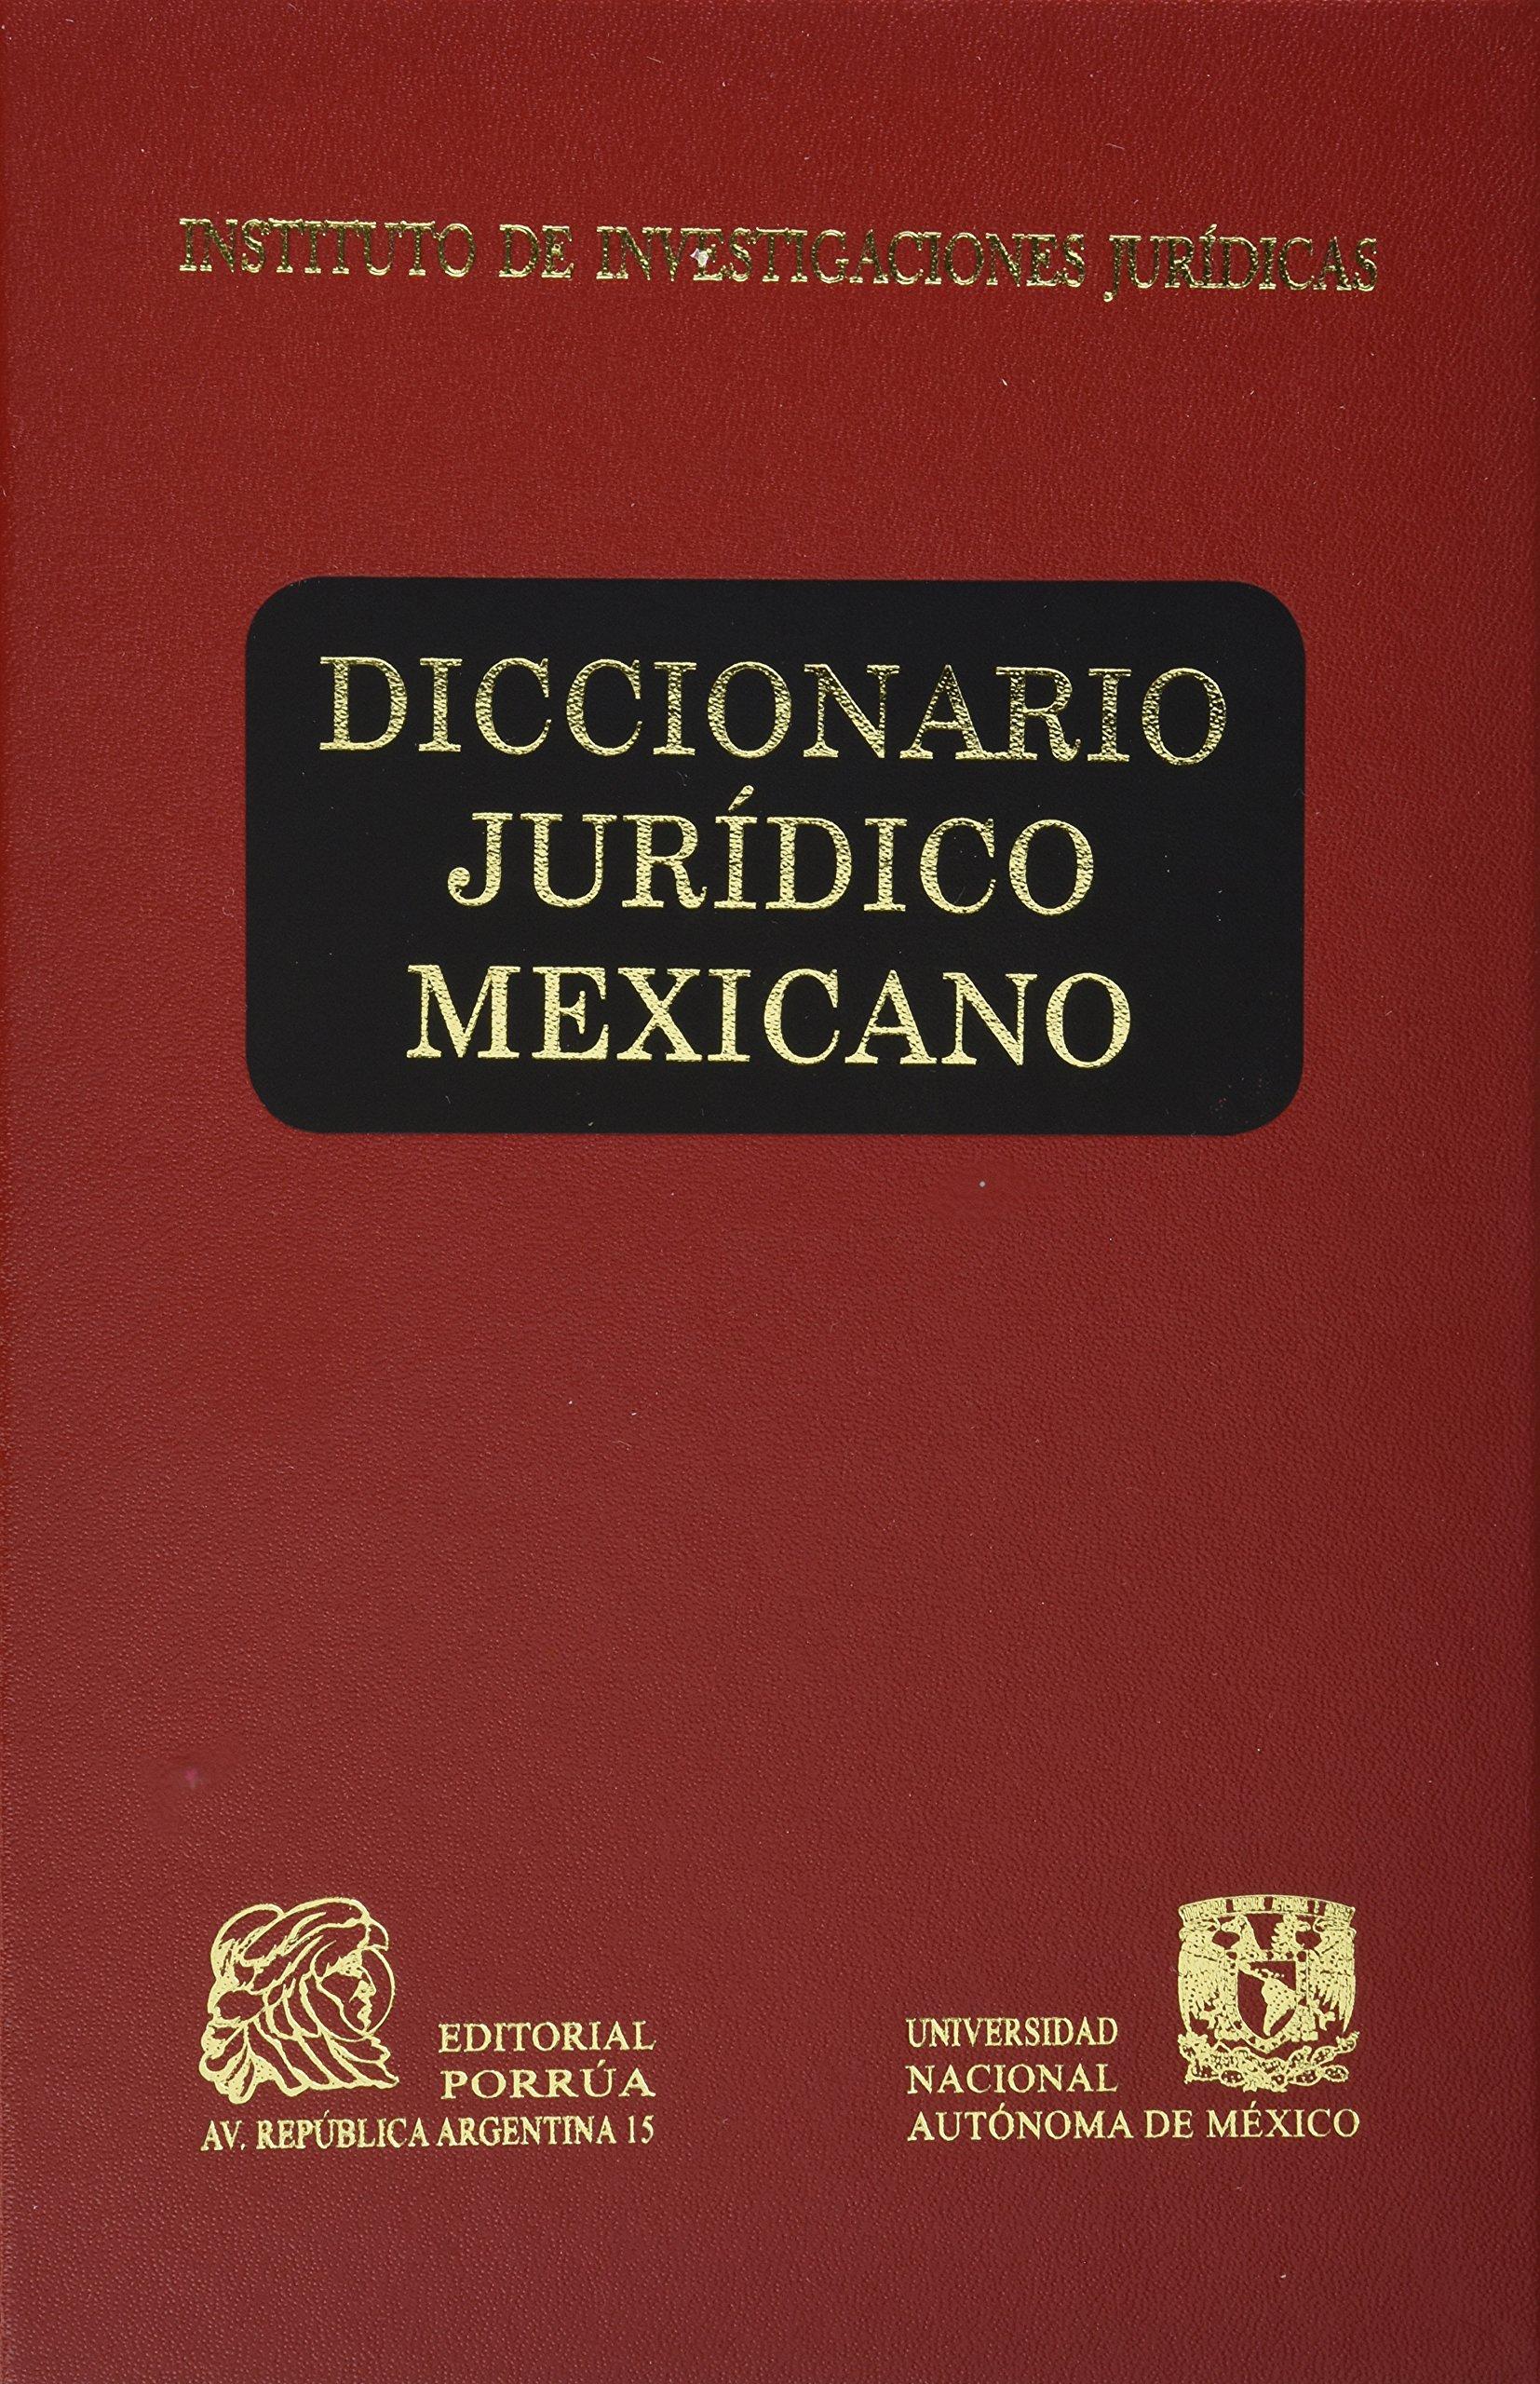 Diccionario juridico mexicano volumenes 1 4 sin autor ed porrua unam me amazon com mx libros